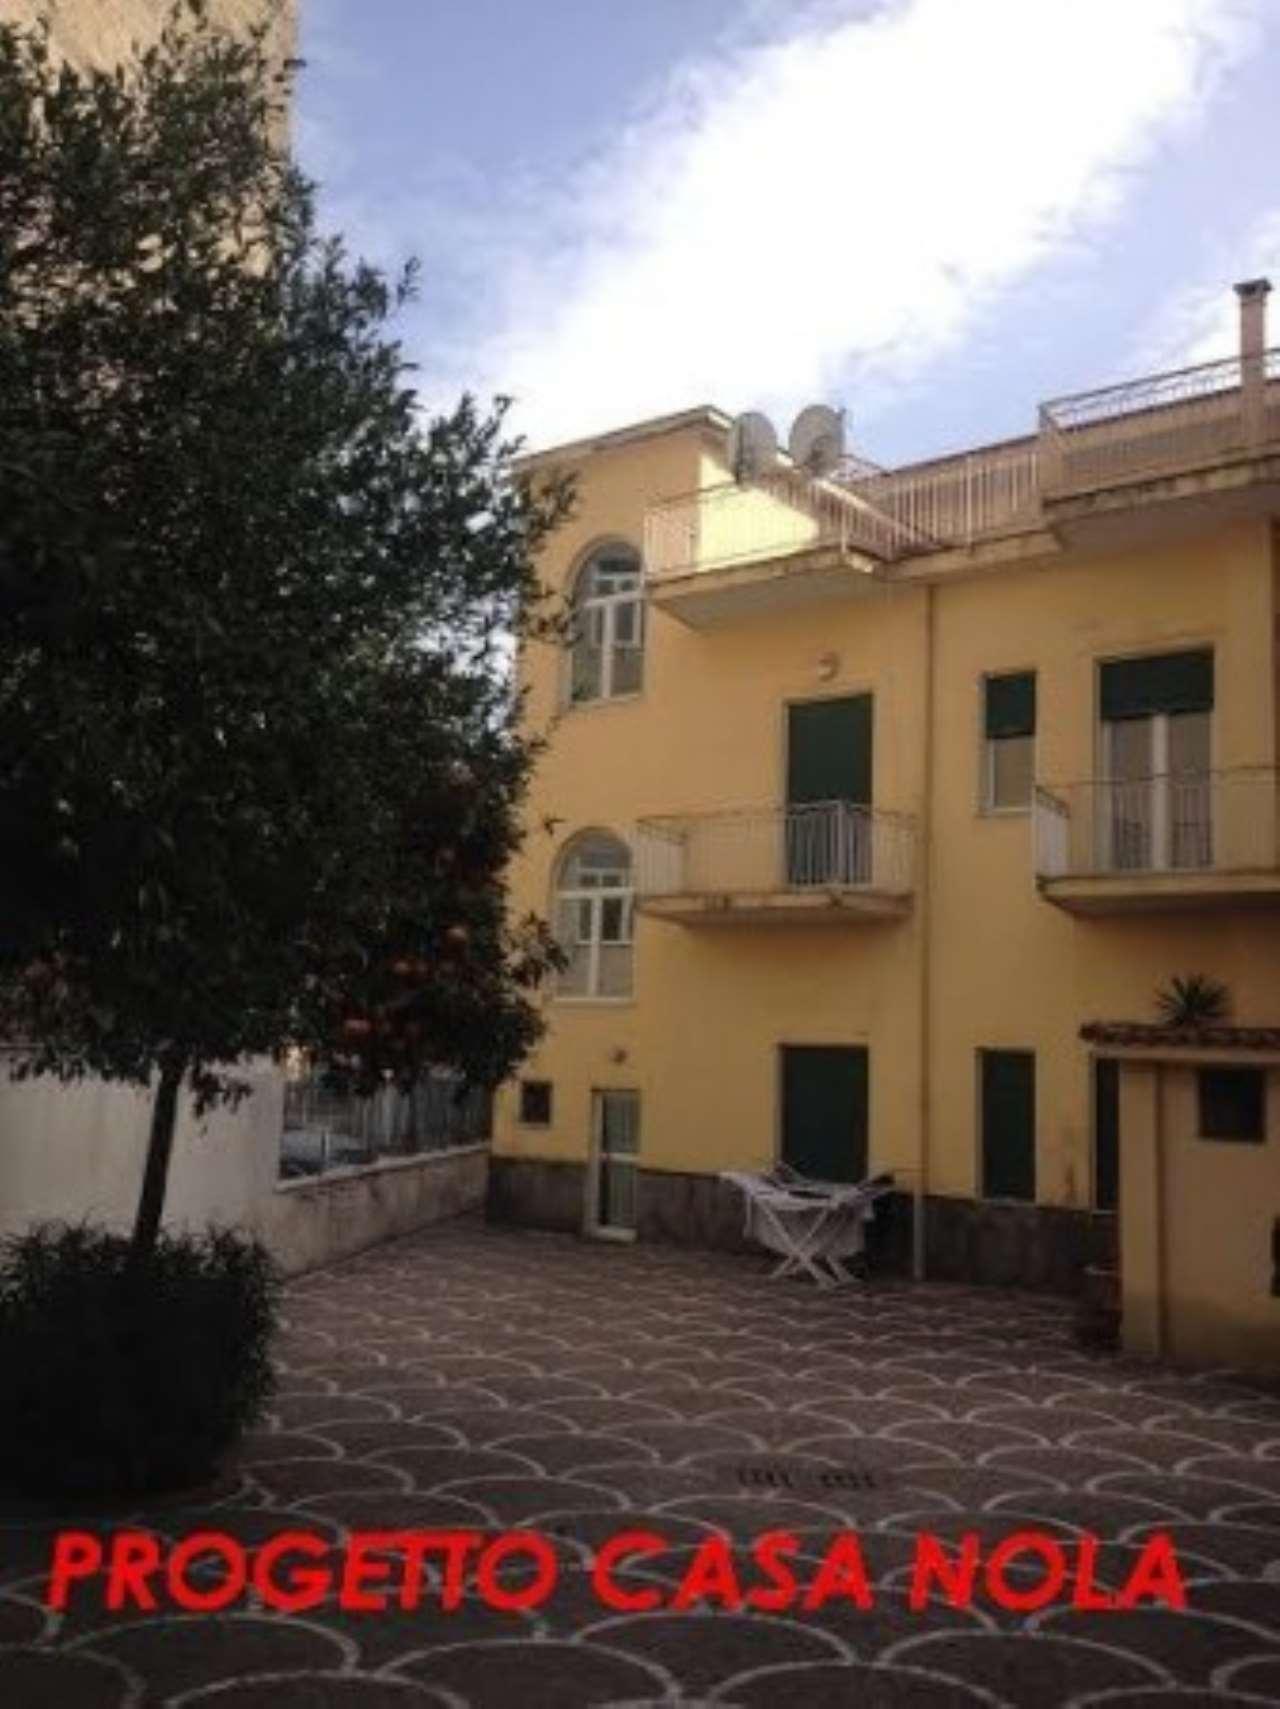 Soluzione Indipendente in vendita a San Gennaro Vesuviano, 6 locali, prezzo € 420.000 | CambioCasa.it